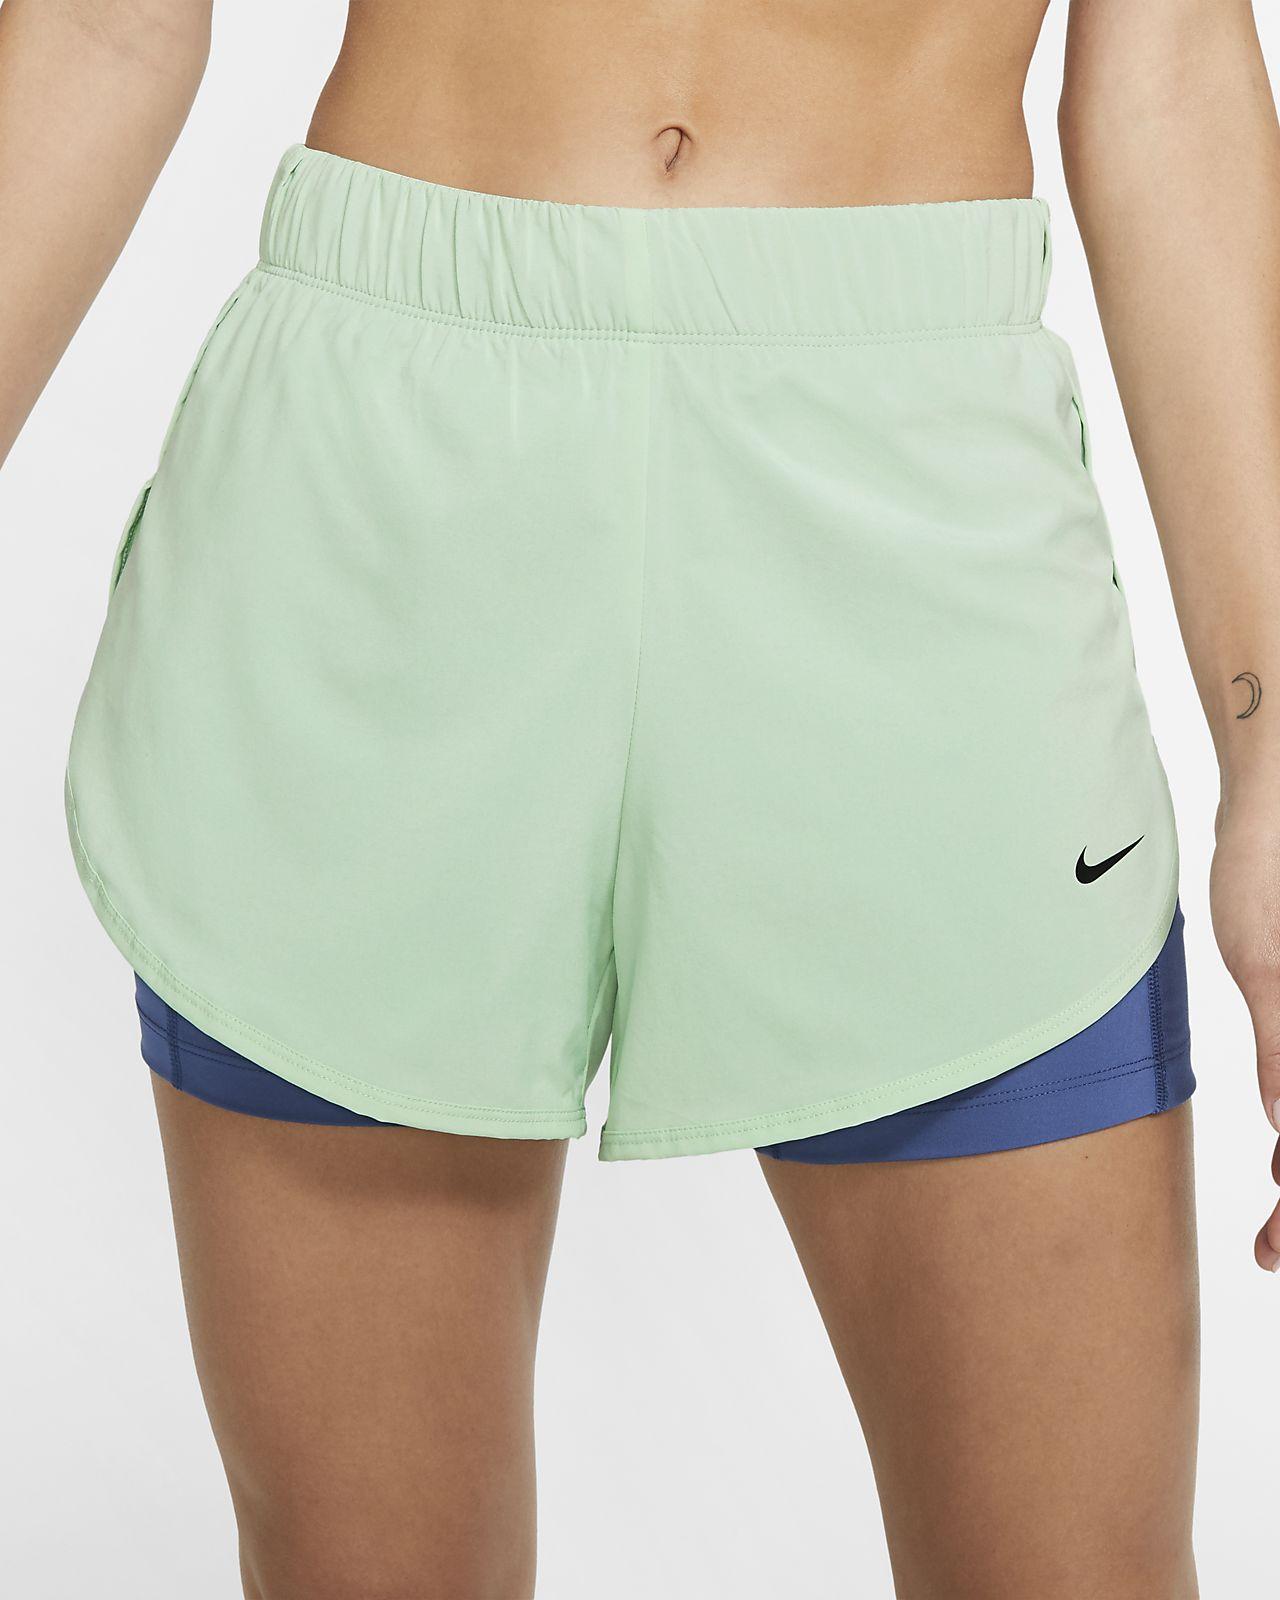 Nike Flex 2 i 1-træningsshorts til kvinder